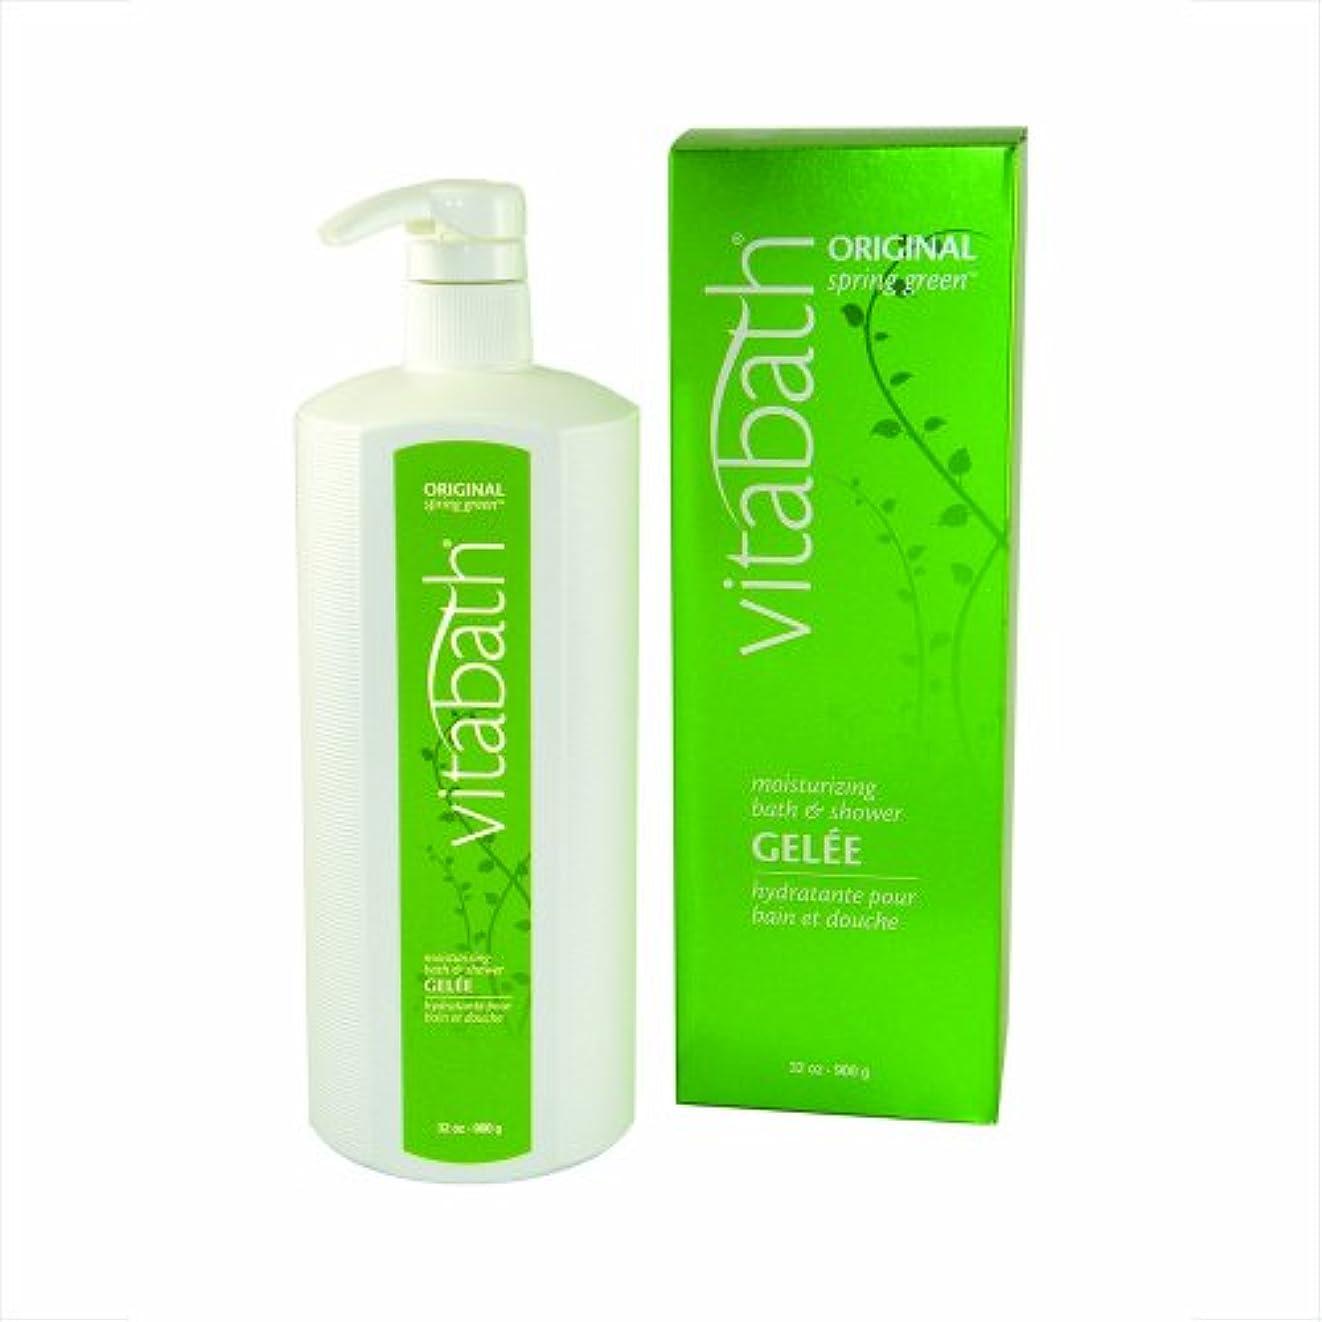 ピストル思い出傷跡Vitabath Original Spring Green Moisturizing Bath & Shower Gelee 32 oz bath gel by Vitabath